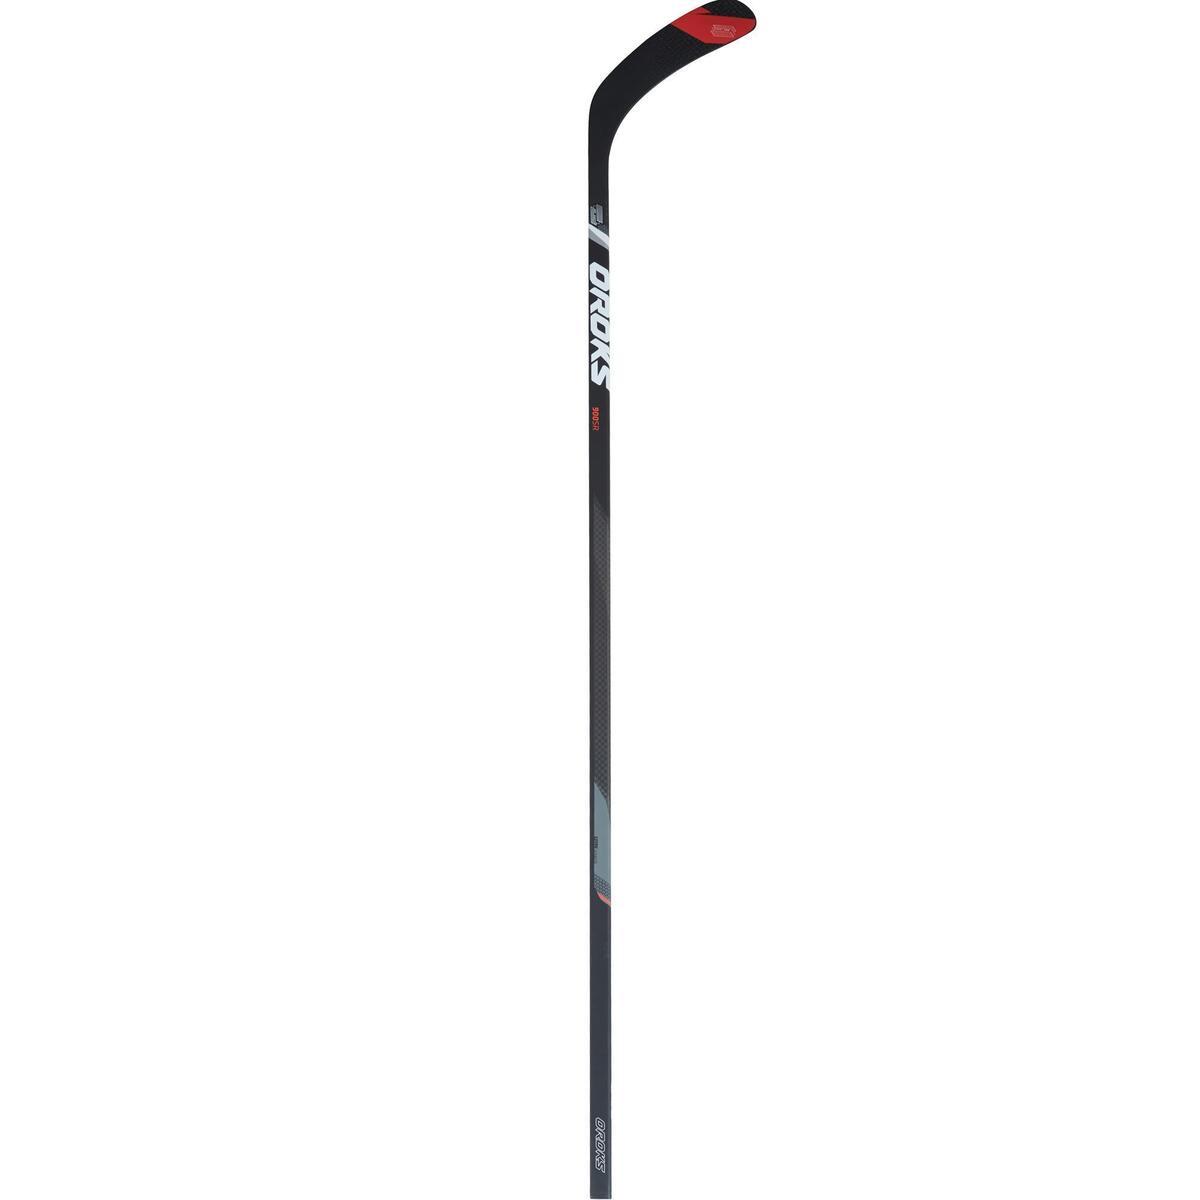 Bild 1 von Eishockeyschläger IH 900 65 Int Links